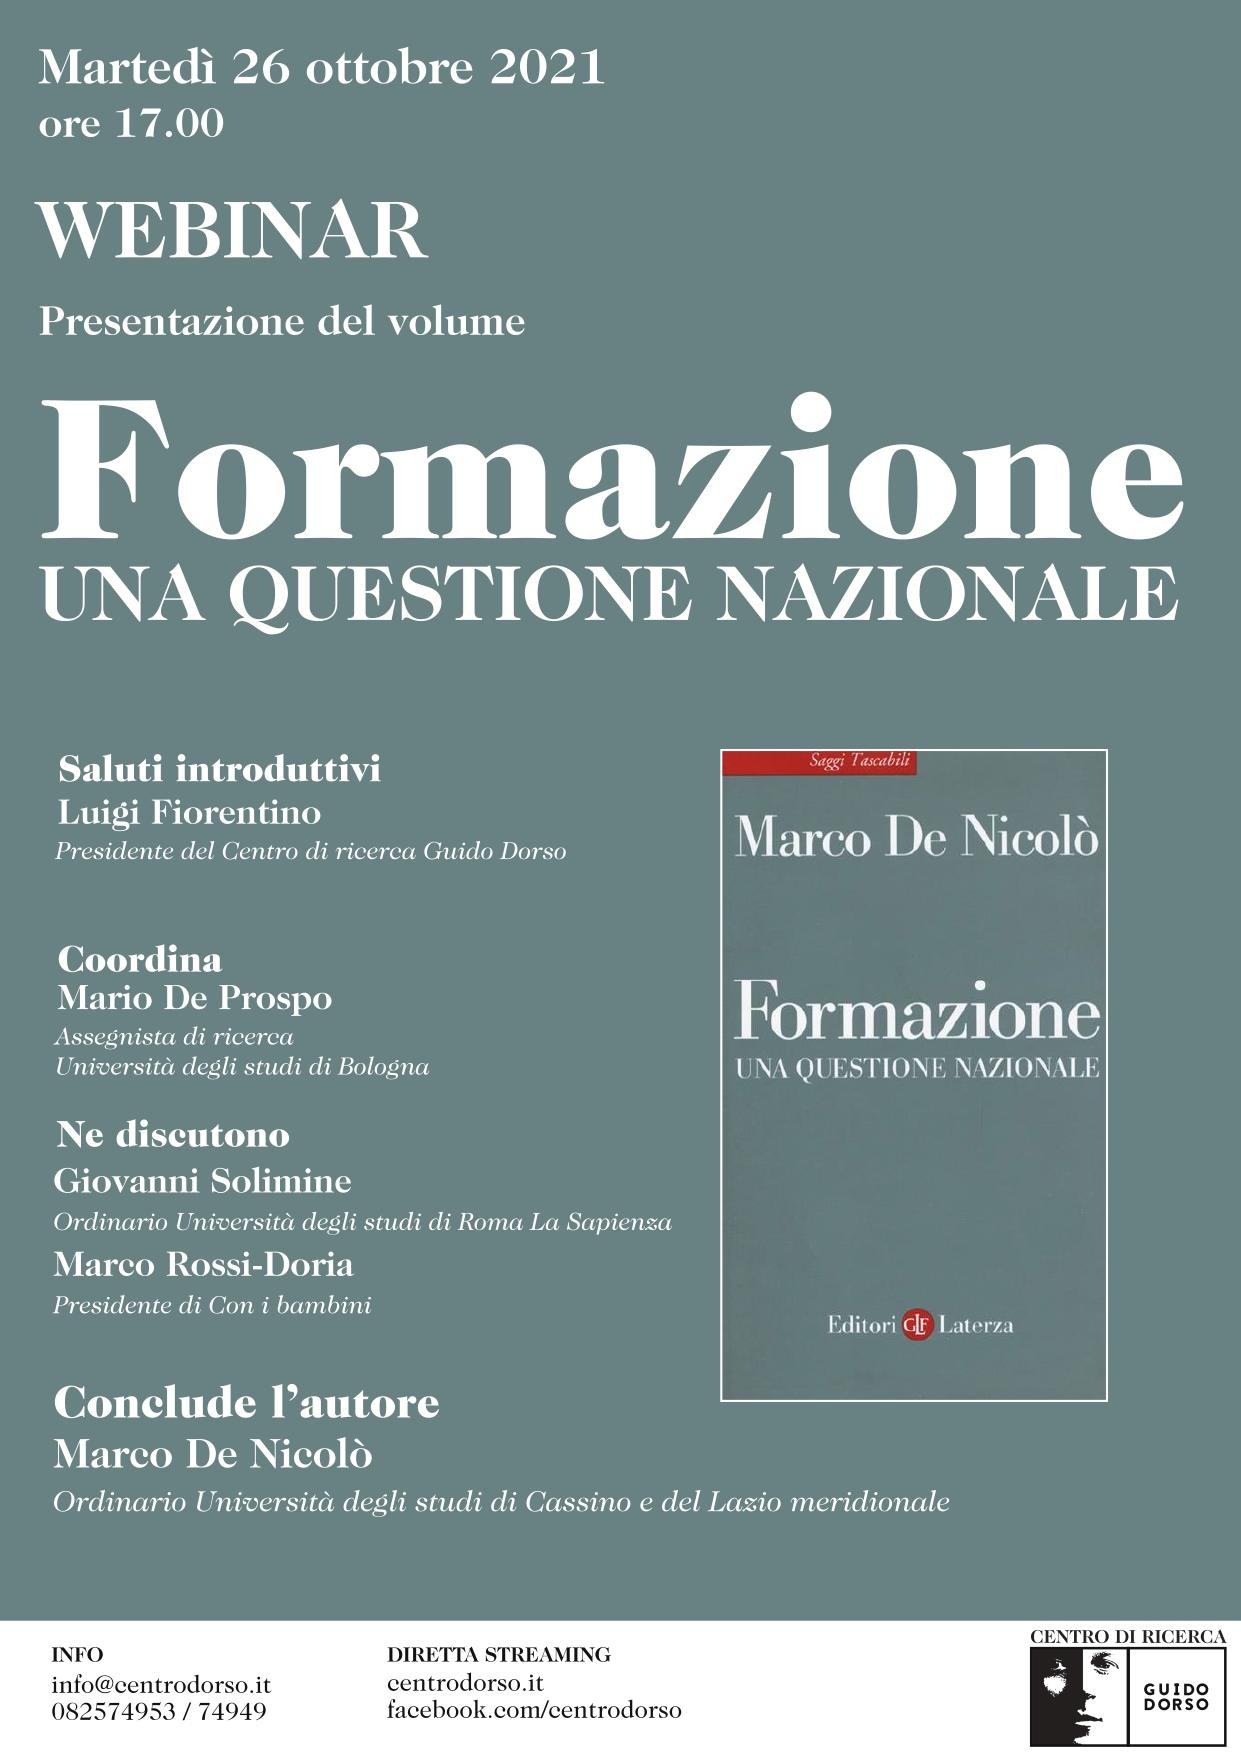 Marco De Nicolò | Formazione. Una questione nazionale | martedì 26 ottobre 2021